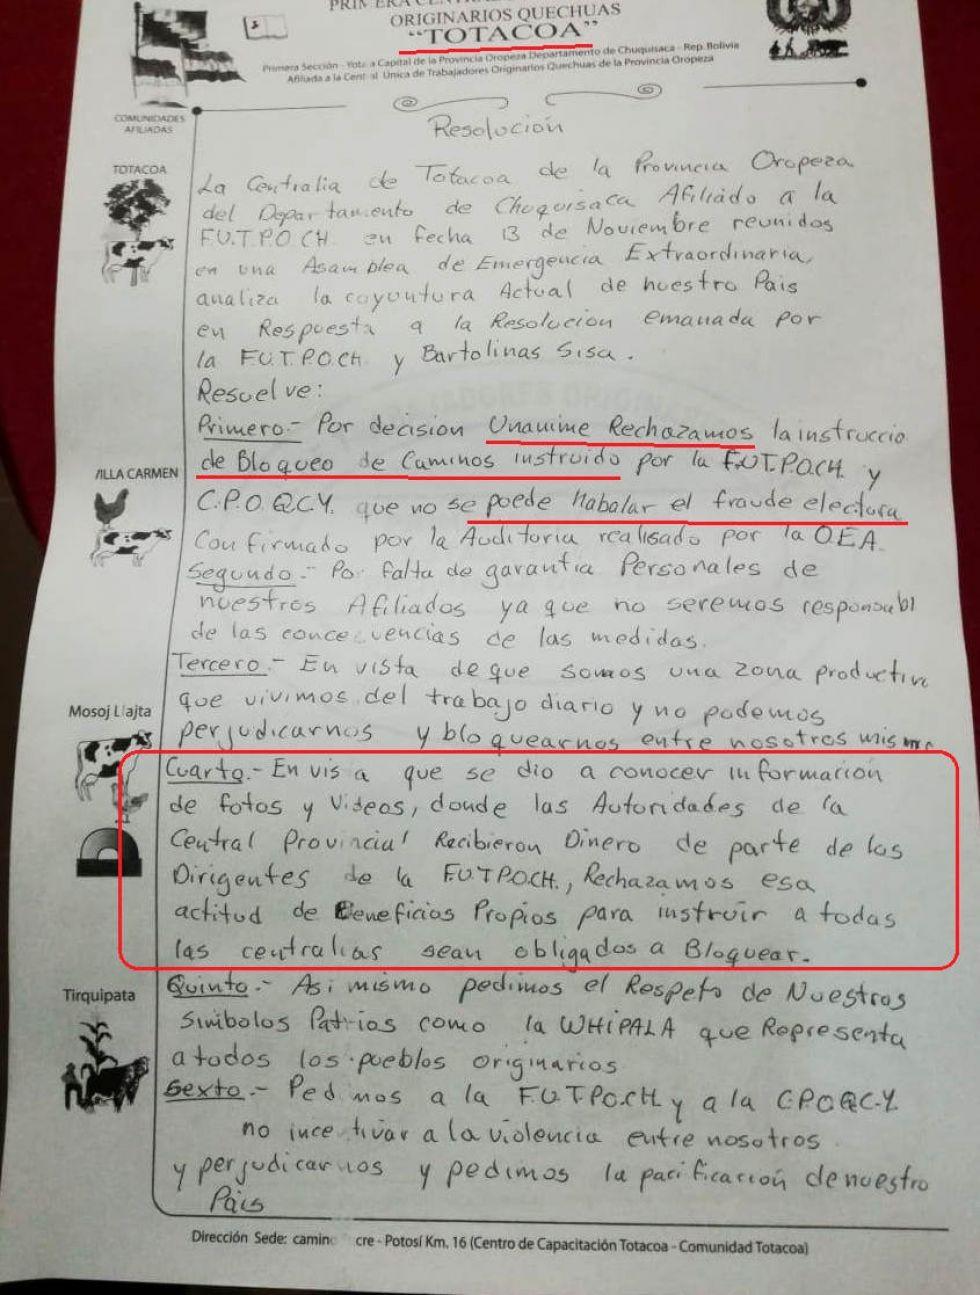 El voto resolutivo de Totacoa del pasado 13 de noviembre.